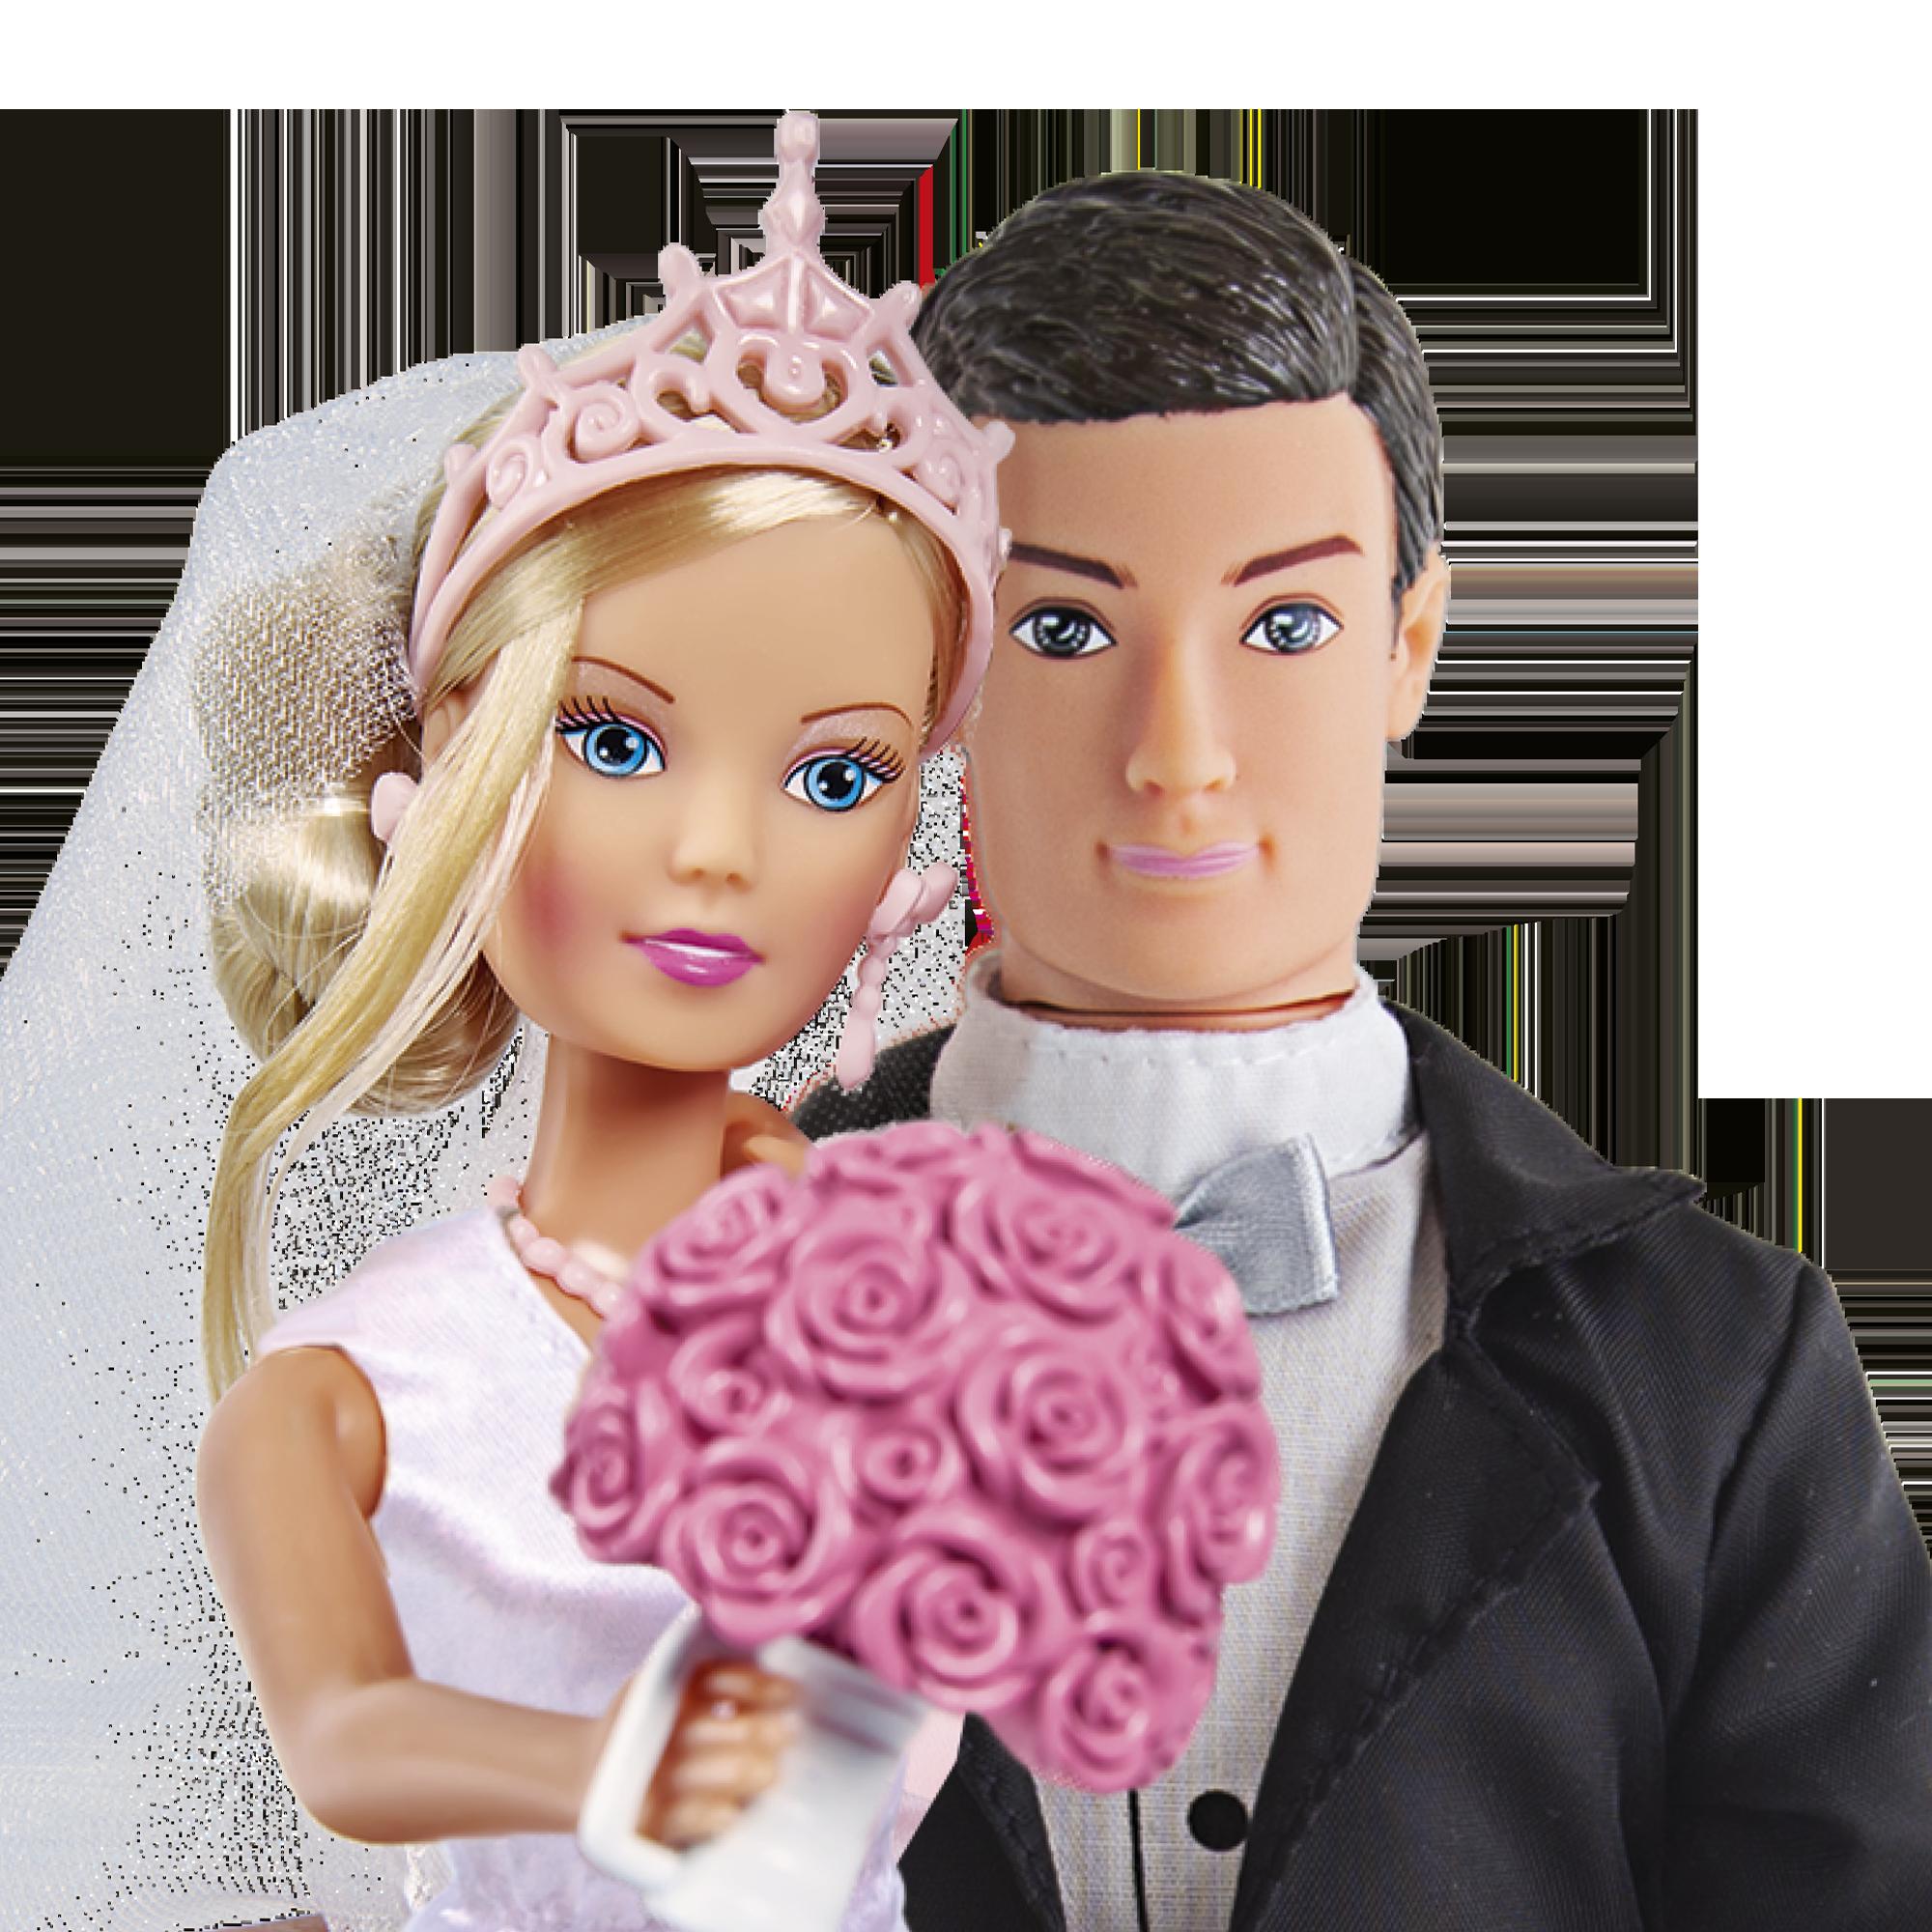 Lolly royal wedding - LOLLY